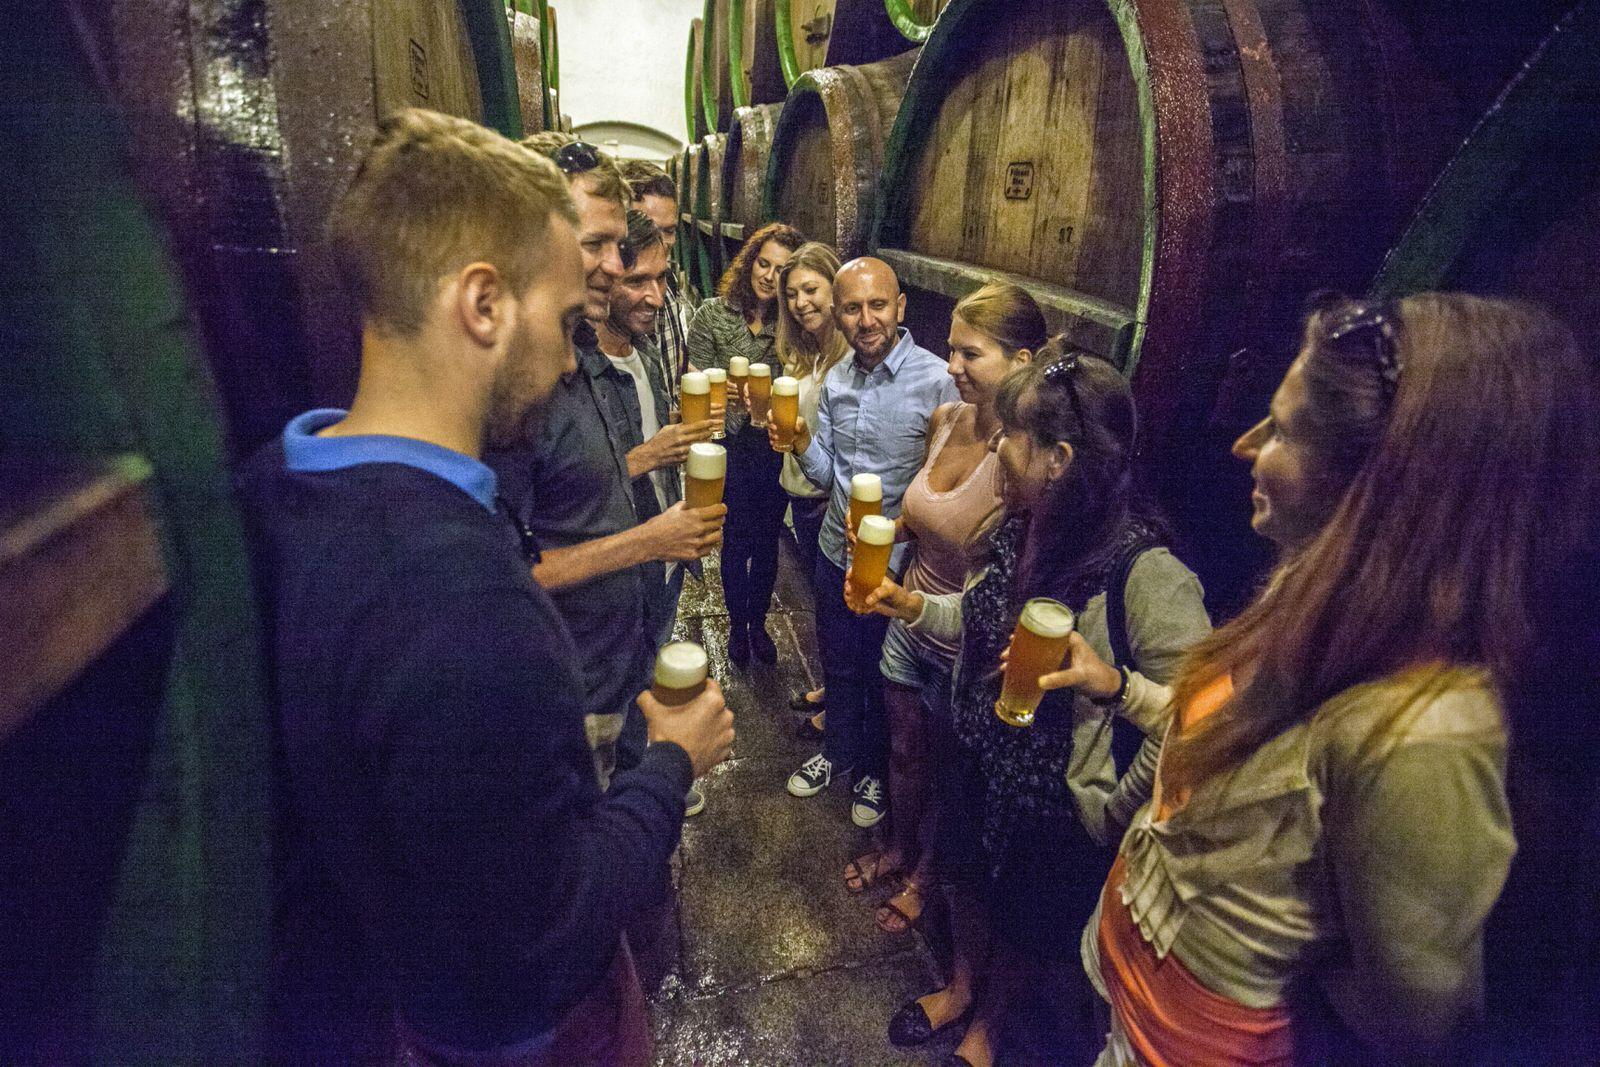 Besichtigung der Pilsner Urquell Brauerei / Prazdroj Visit